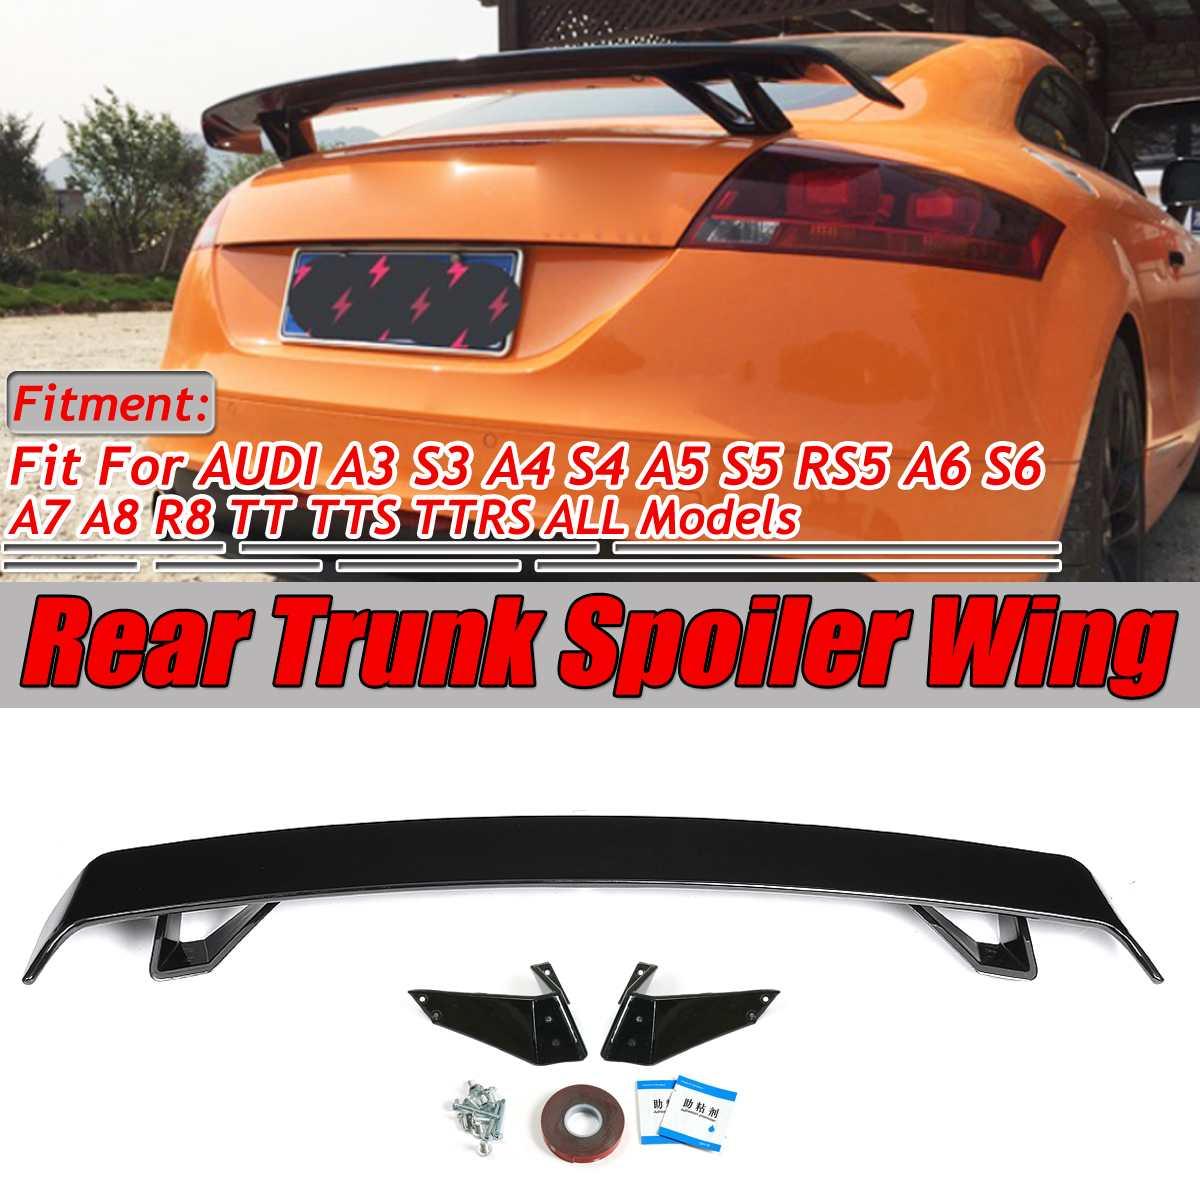 2 типа A4 TT TTS Автомобильный задний багажник загрузки спойлер крыло большой для Audi A3 S3 A4 S4 A5 S5 RS5 A6 S6 A7 A8 R8 TT TTS TTRS спойлер крыло